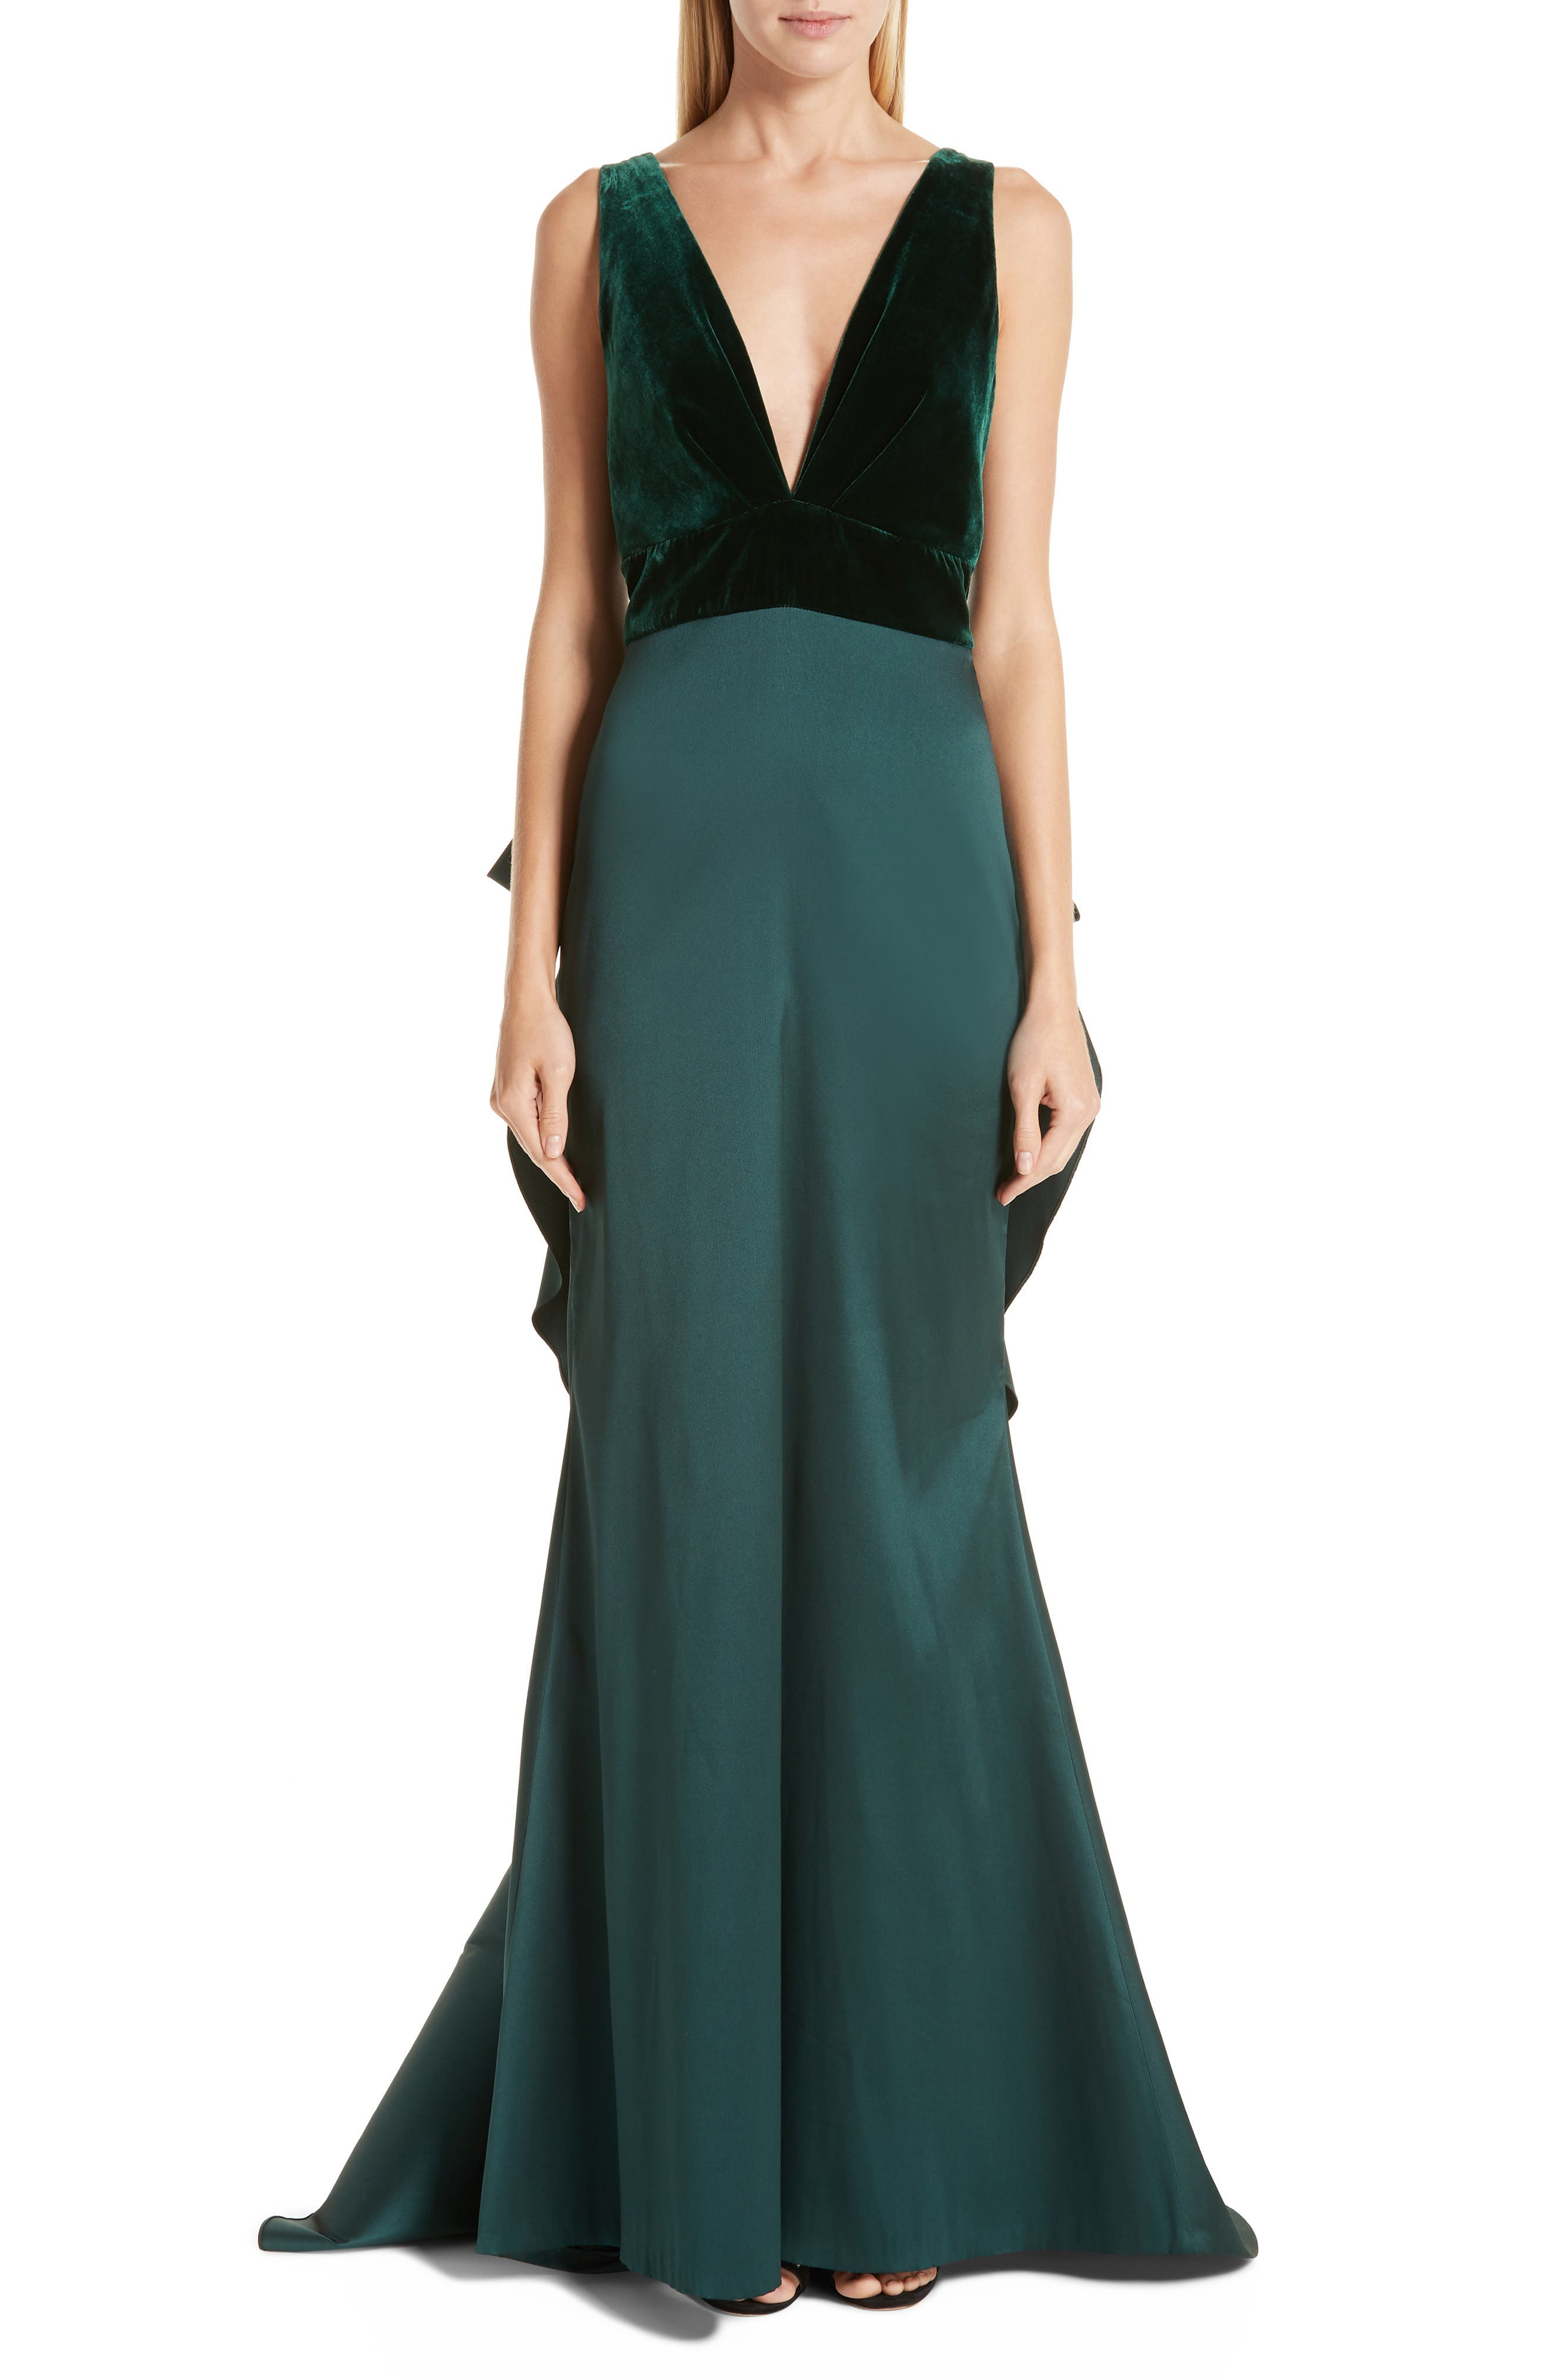 Topanga Velvet Bodice Bow Back Gown in Dark Green